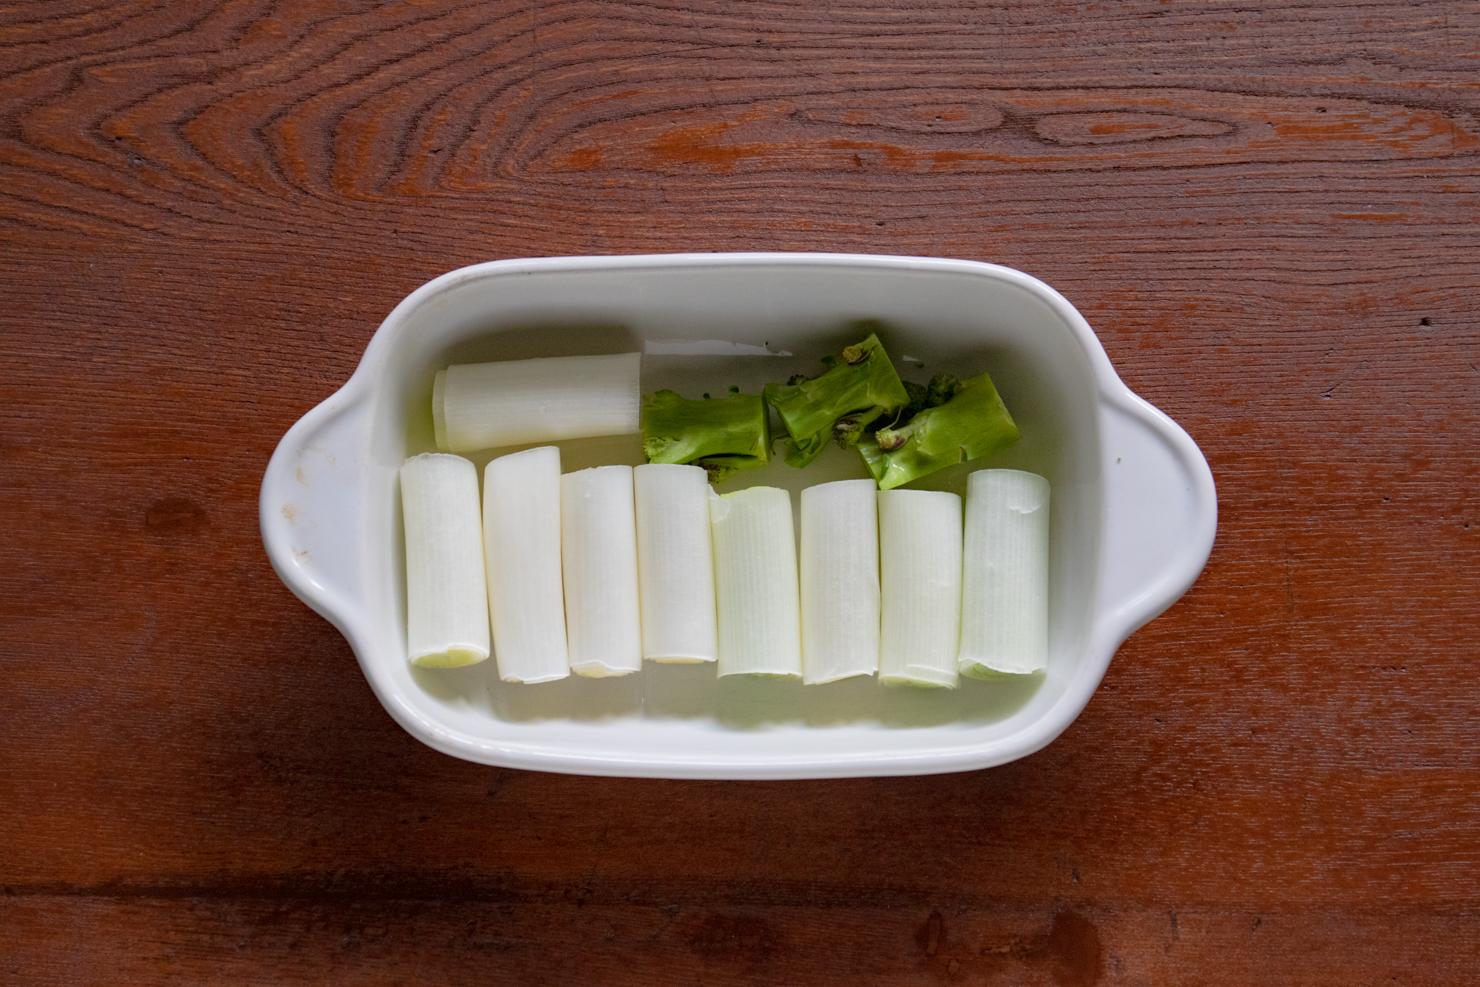 ネギとブロッコリーの茎を皿に並べてラップをかけた写真